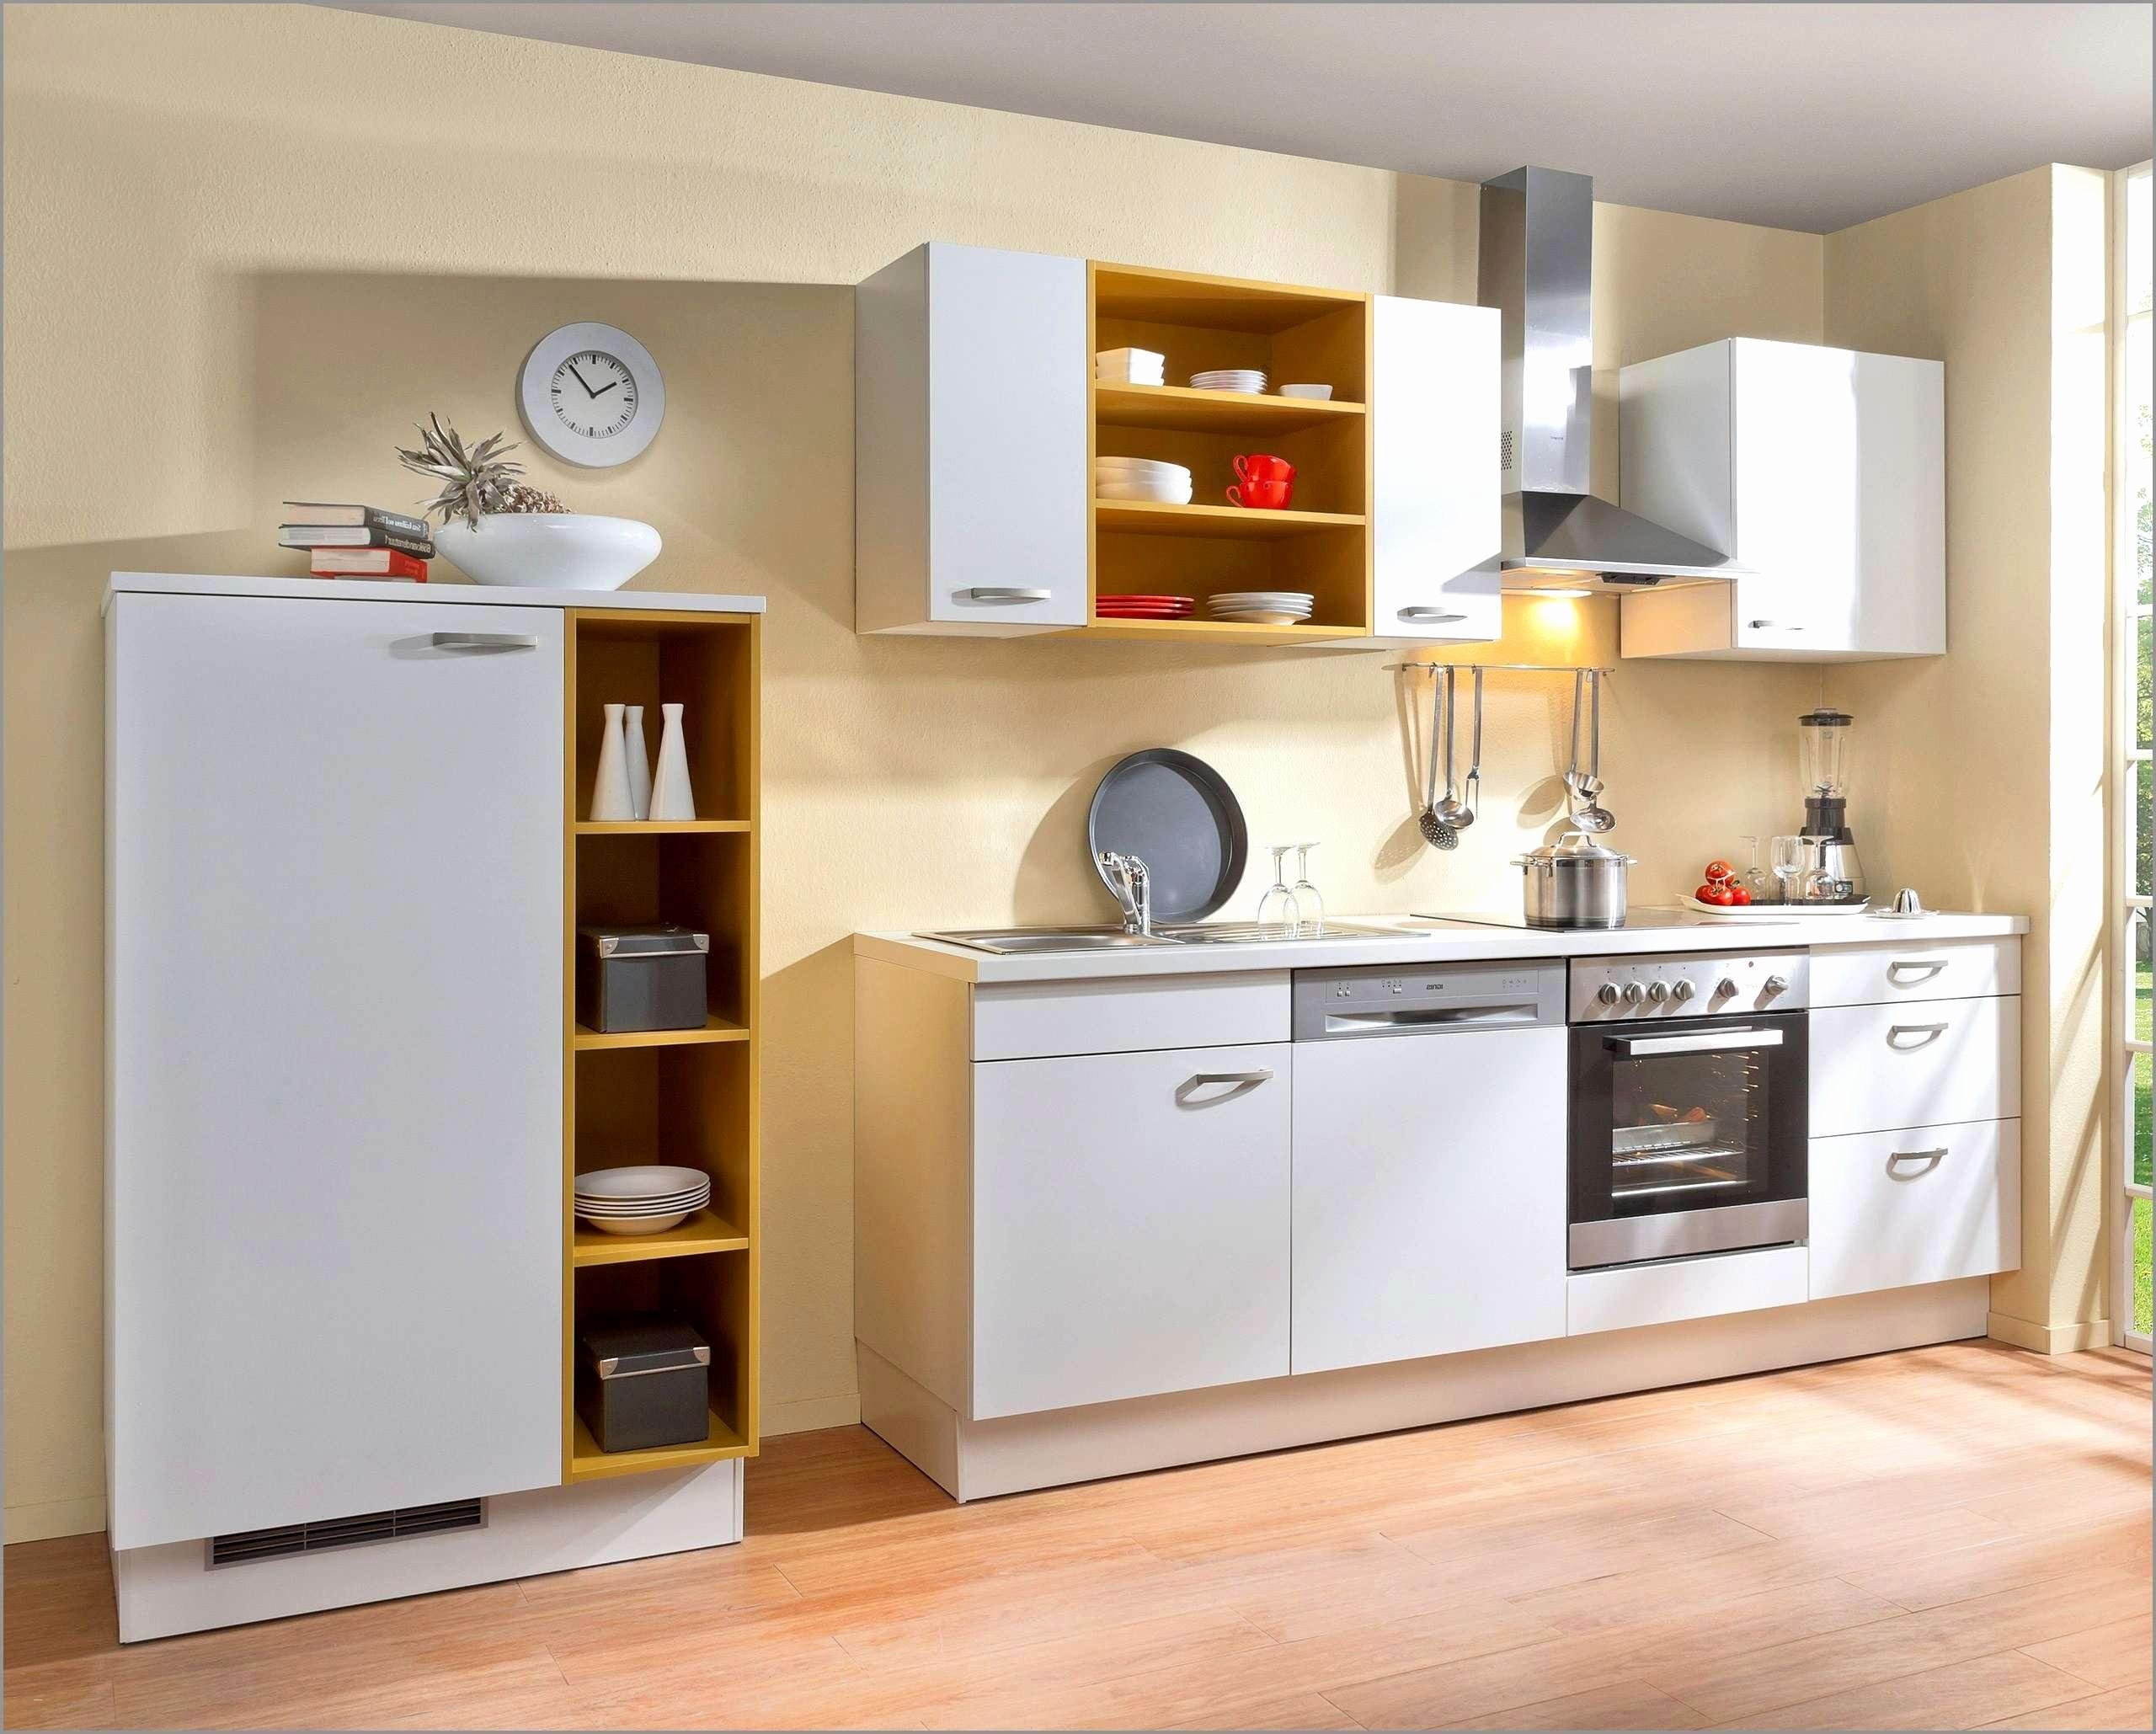 Full Size of Vintage Küche Selber Machen Elegant Das Erstaunlich Wandregal Küche Vintage Liefern Deine Aufruf Küche Wandregal Küche